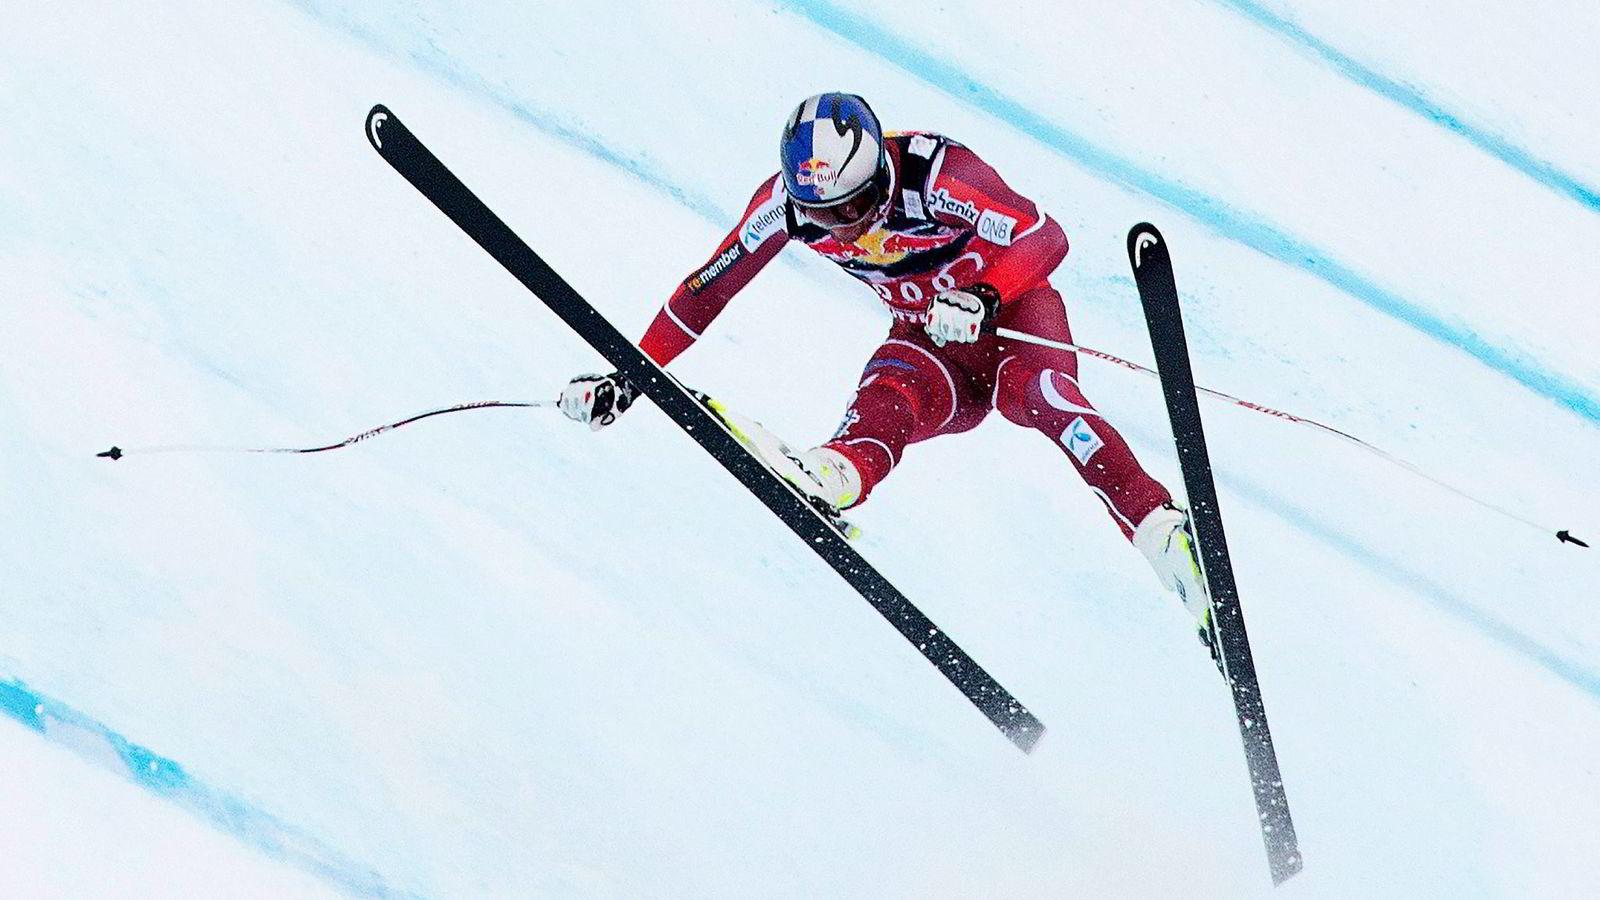 Aksel Lund Svindal skadet seg under utforløpet i alpin-VM i Kitzbühel i januar i år. Foto: Joe Klamar/AFP/NTB Scanpix